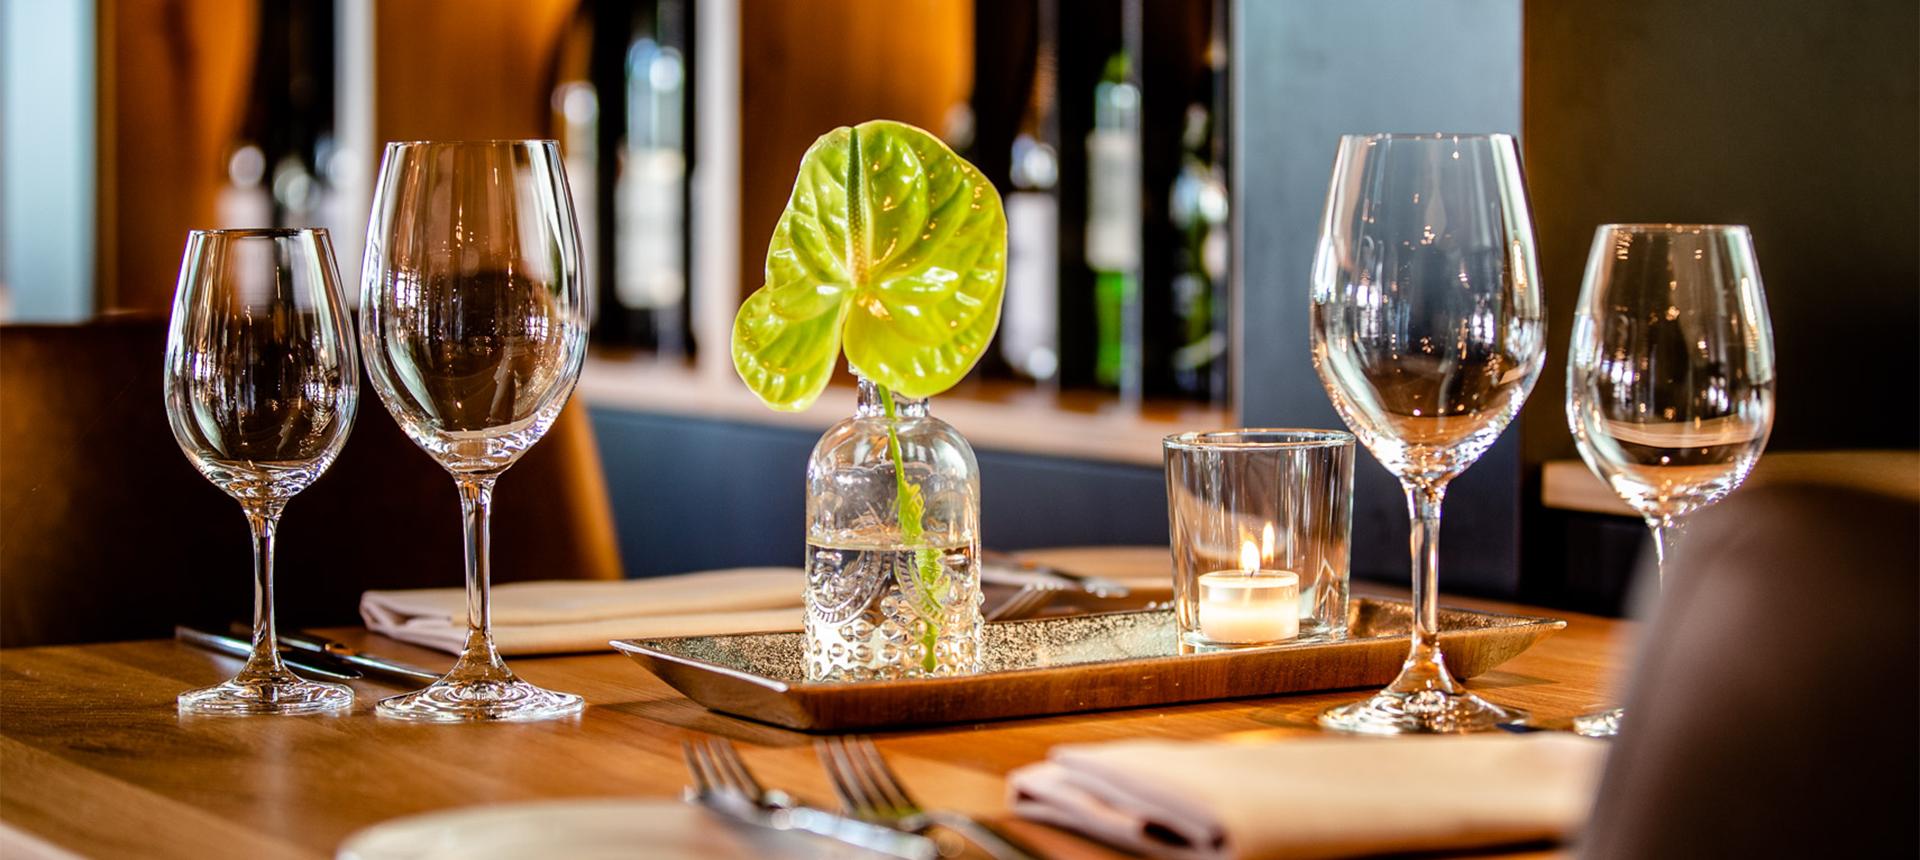 Tischreservierung Restaurant